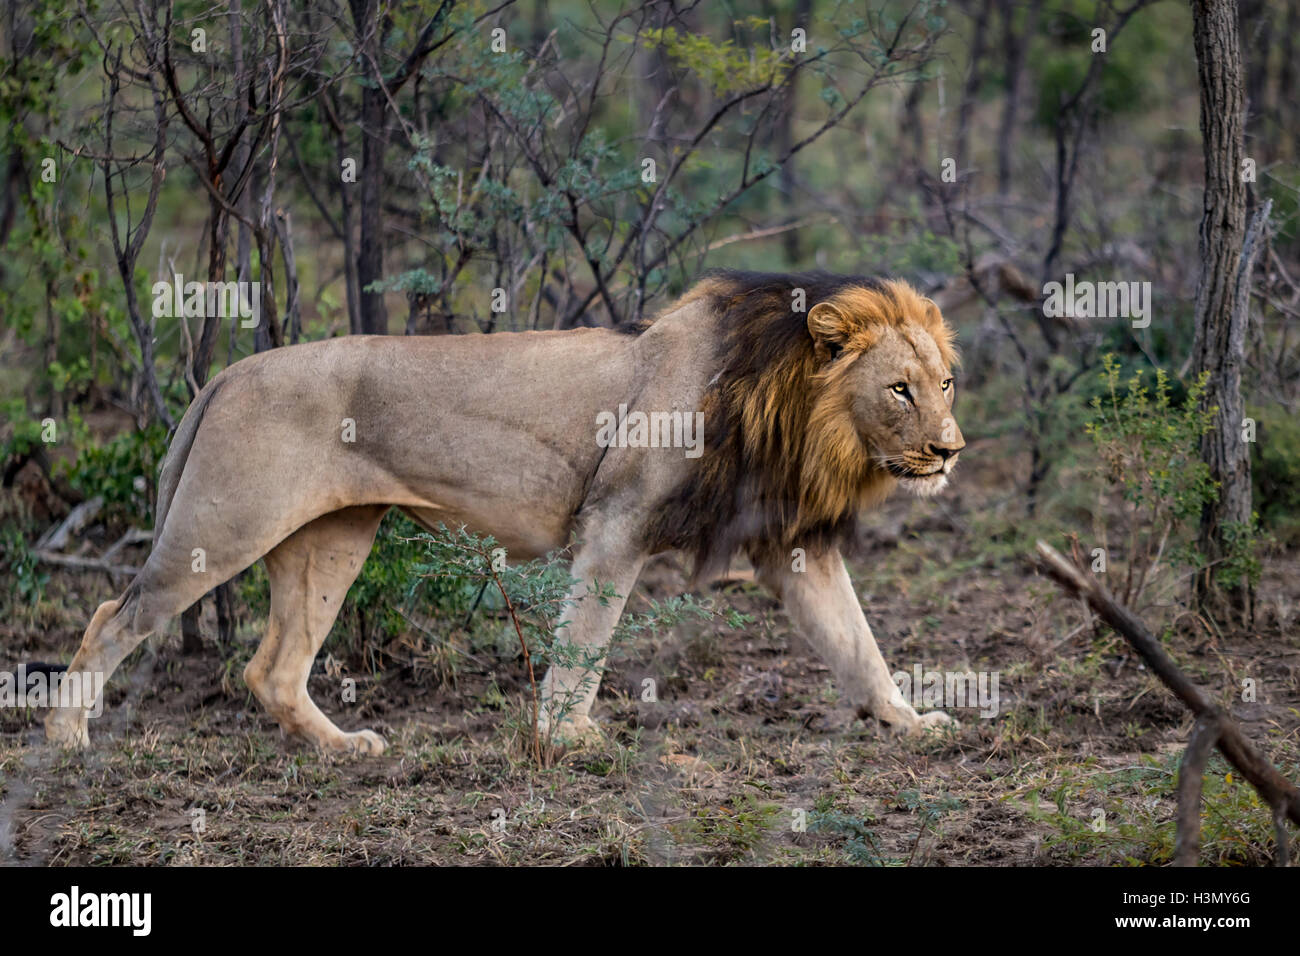 Lioness stalking prey